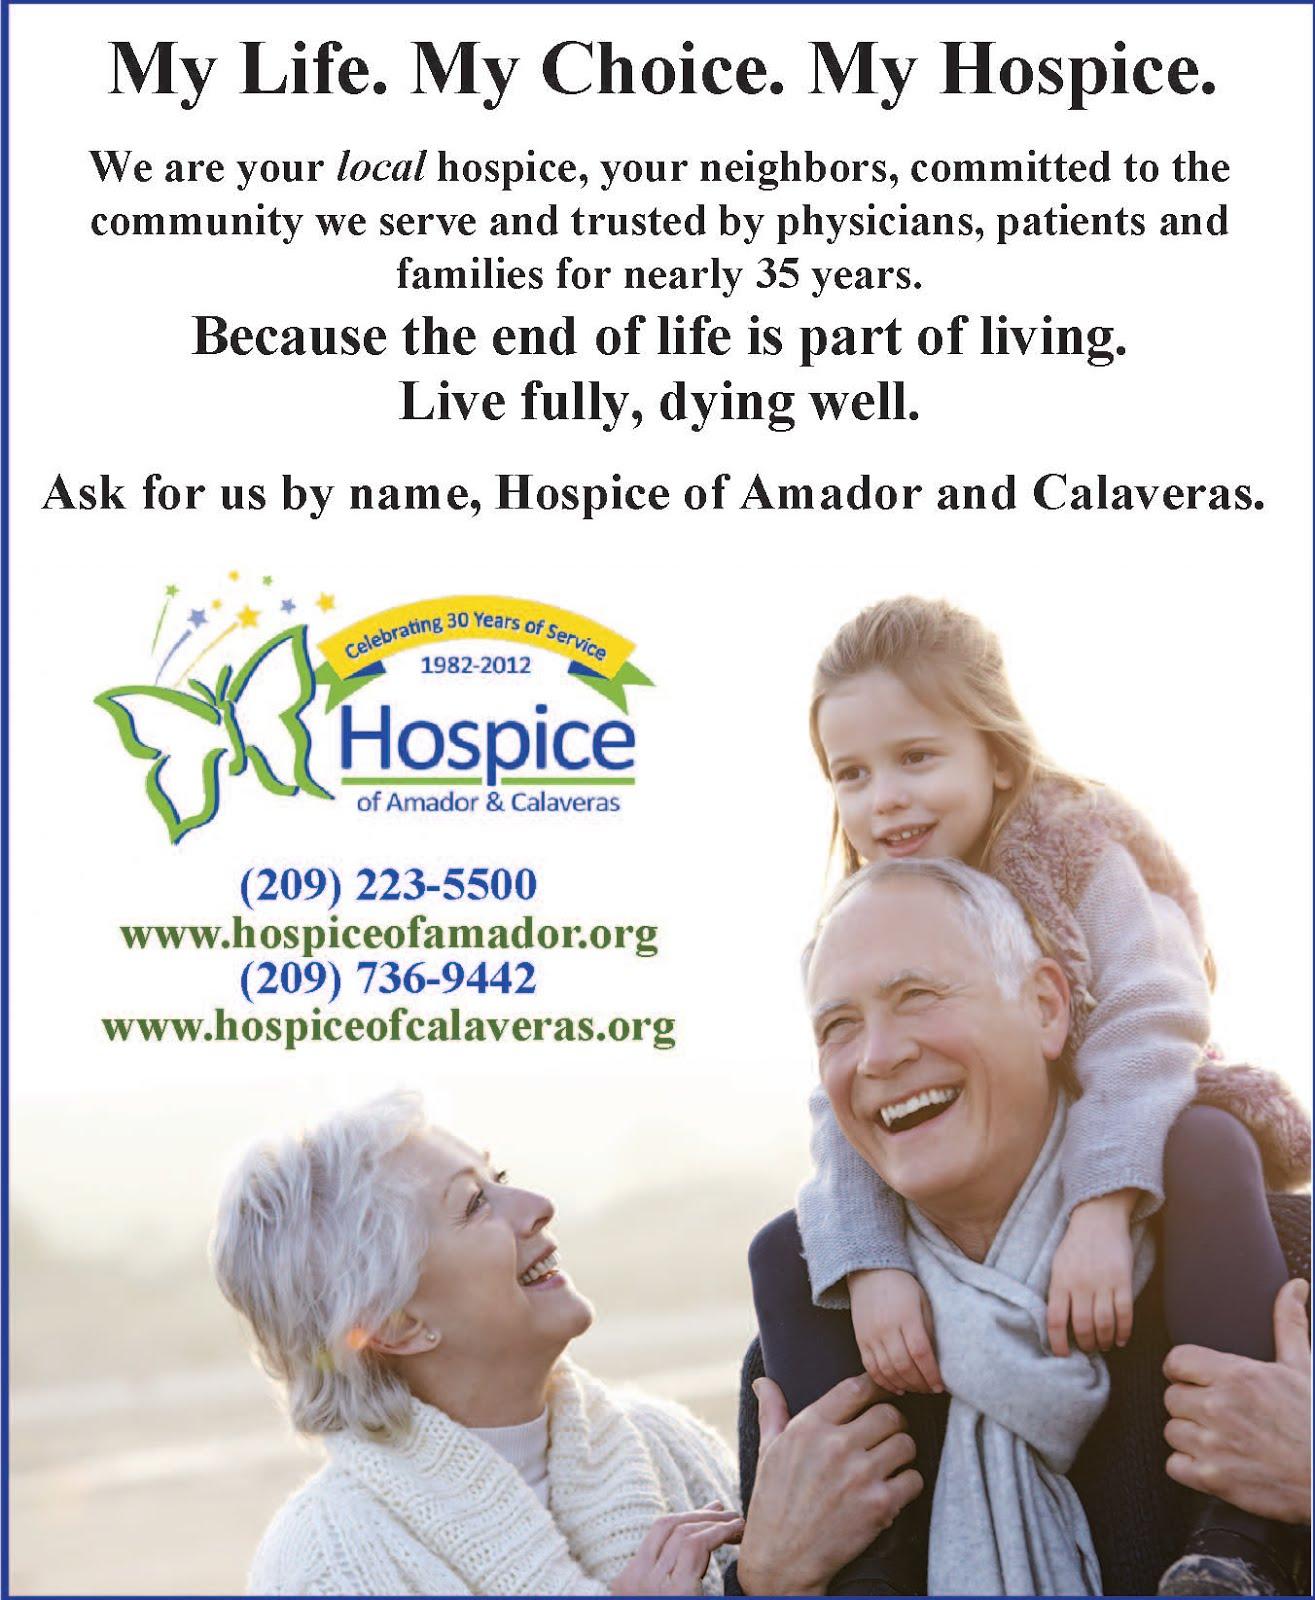 Hospice of Amador & Calaveras